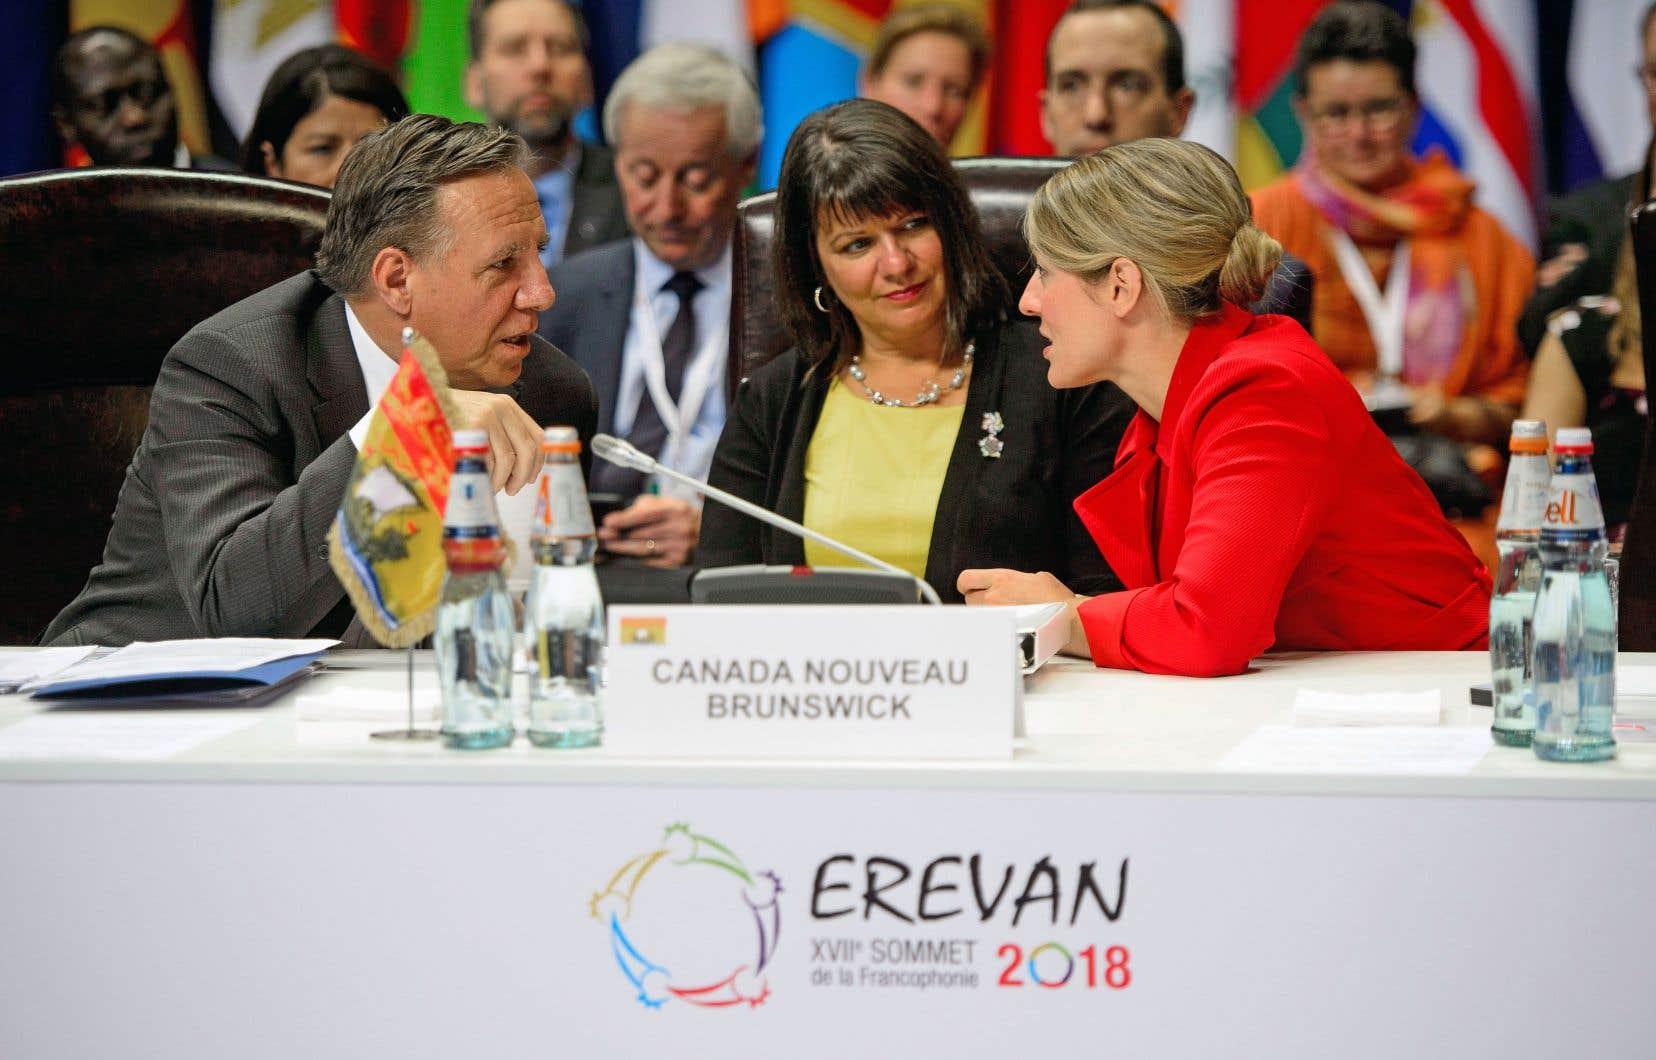 Le premier ministre désigné du Québec, François Legault, discute avec la ministre fédérale responsable de la Francophonie, Mélanie Joly, et la ministre des Affaires intergouvernementales du Nouveau-Brunswick, Hélène Bouchard (au centre).